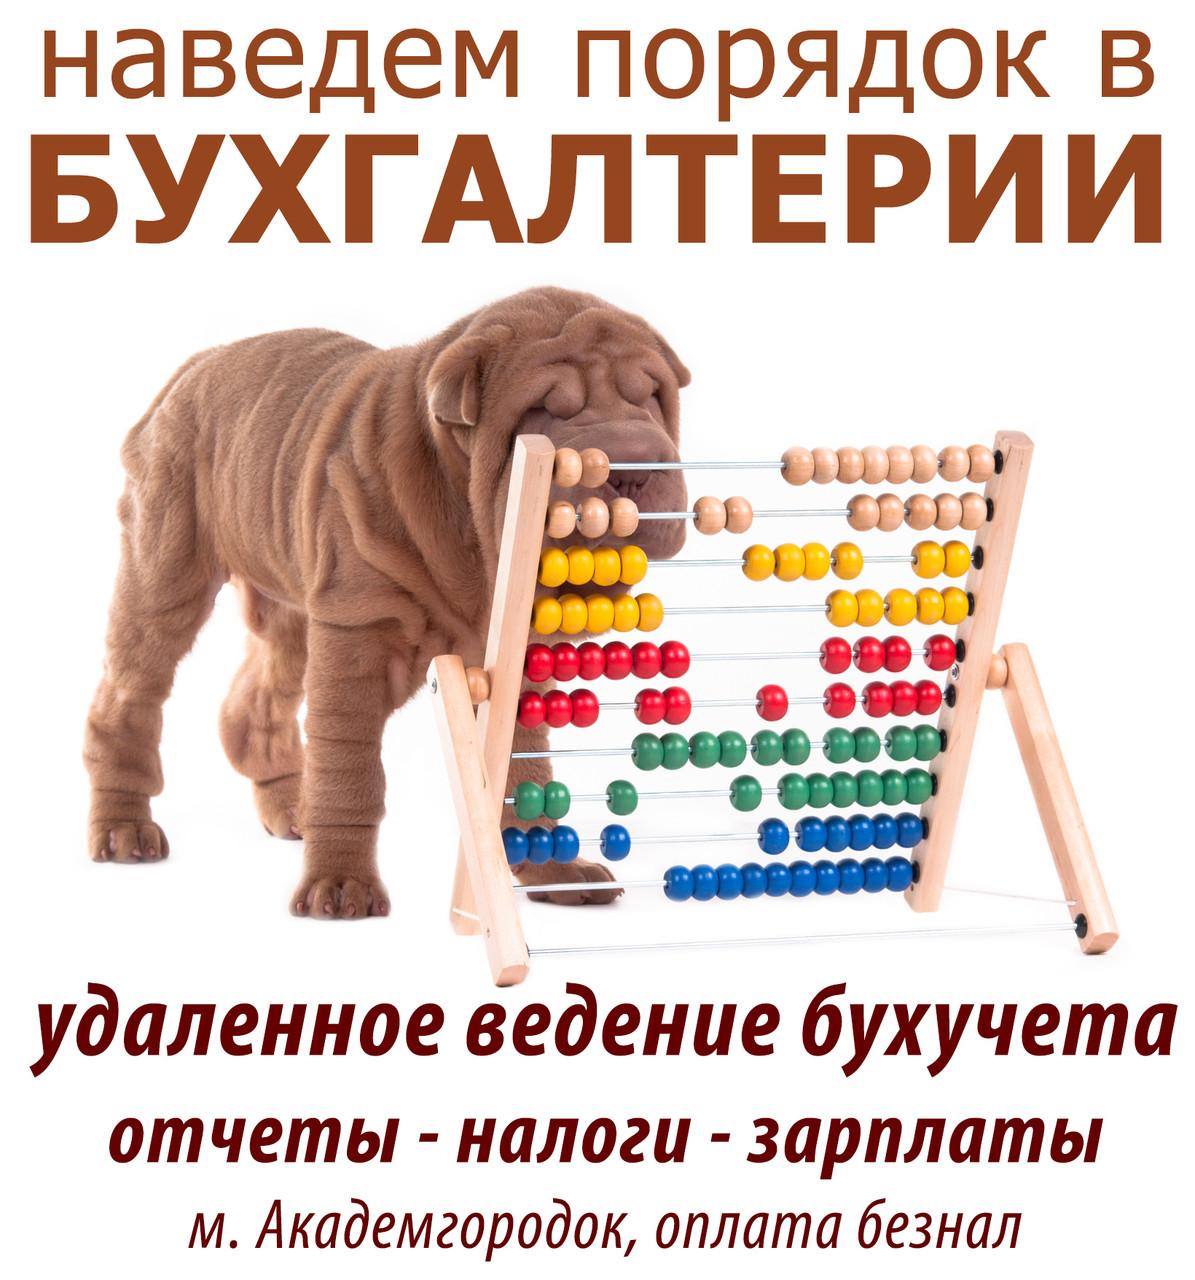 Ведение бухгалтерского учета, с оплатой по б/н - Бухгалтерская фирма БУХЗВИТ в Киеве